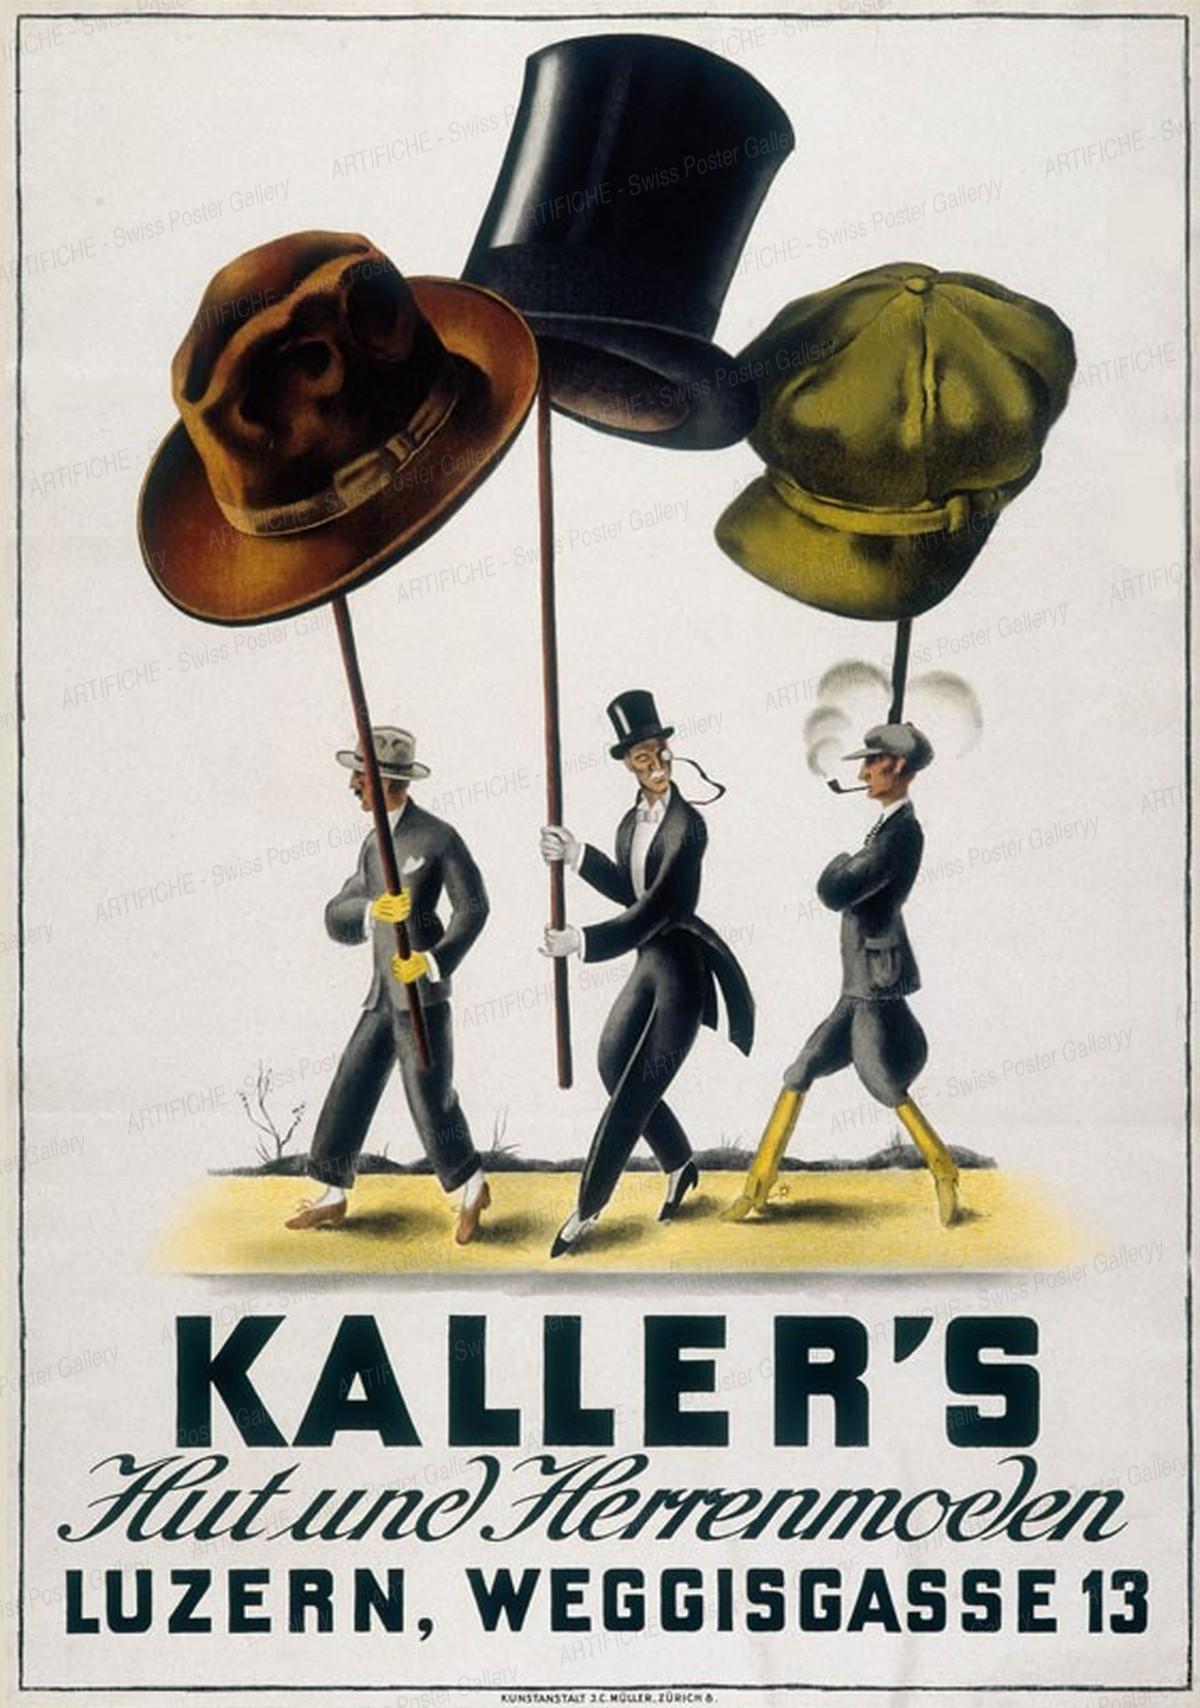 Kaller's Hut und Herrenmoden Luzern Weggisgasse 13, Artist unknown